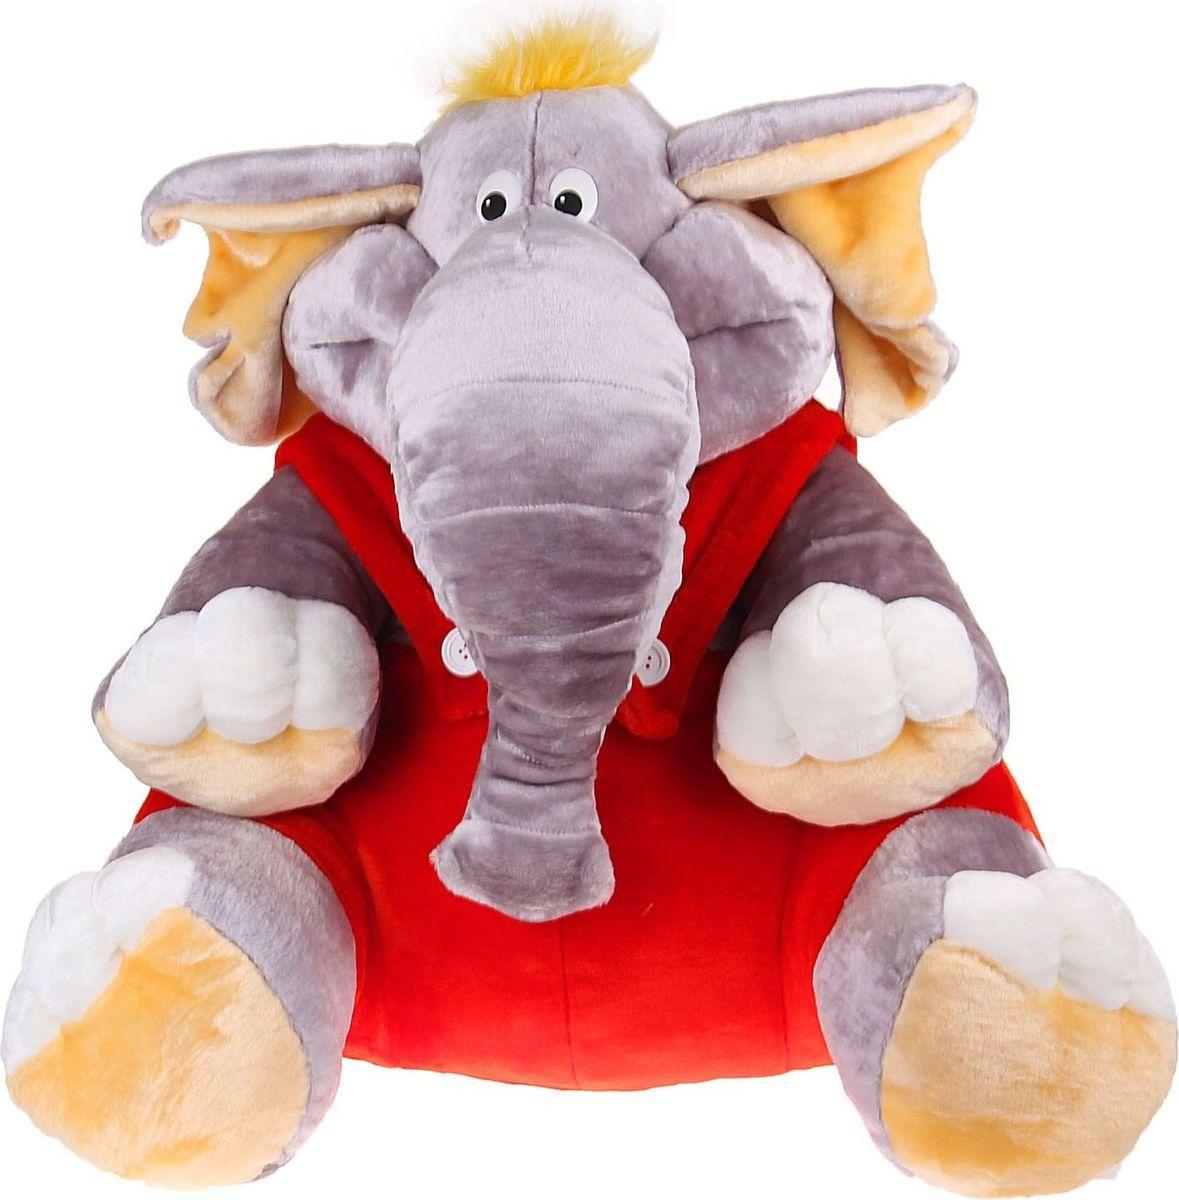 Sima-land Мягкая игрушка Слон Алекс 73 см - Мягкие игрушки